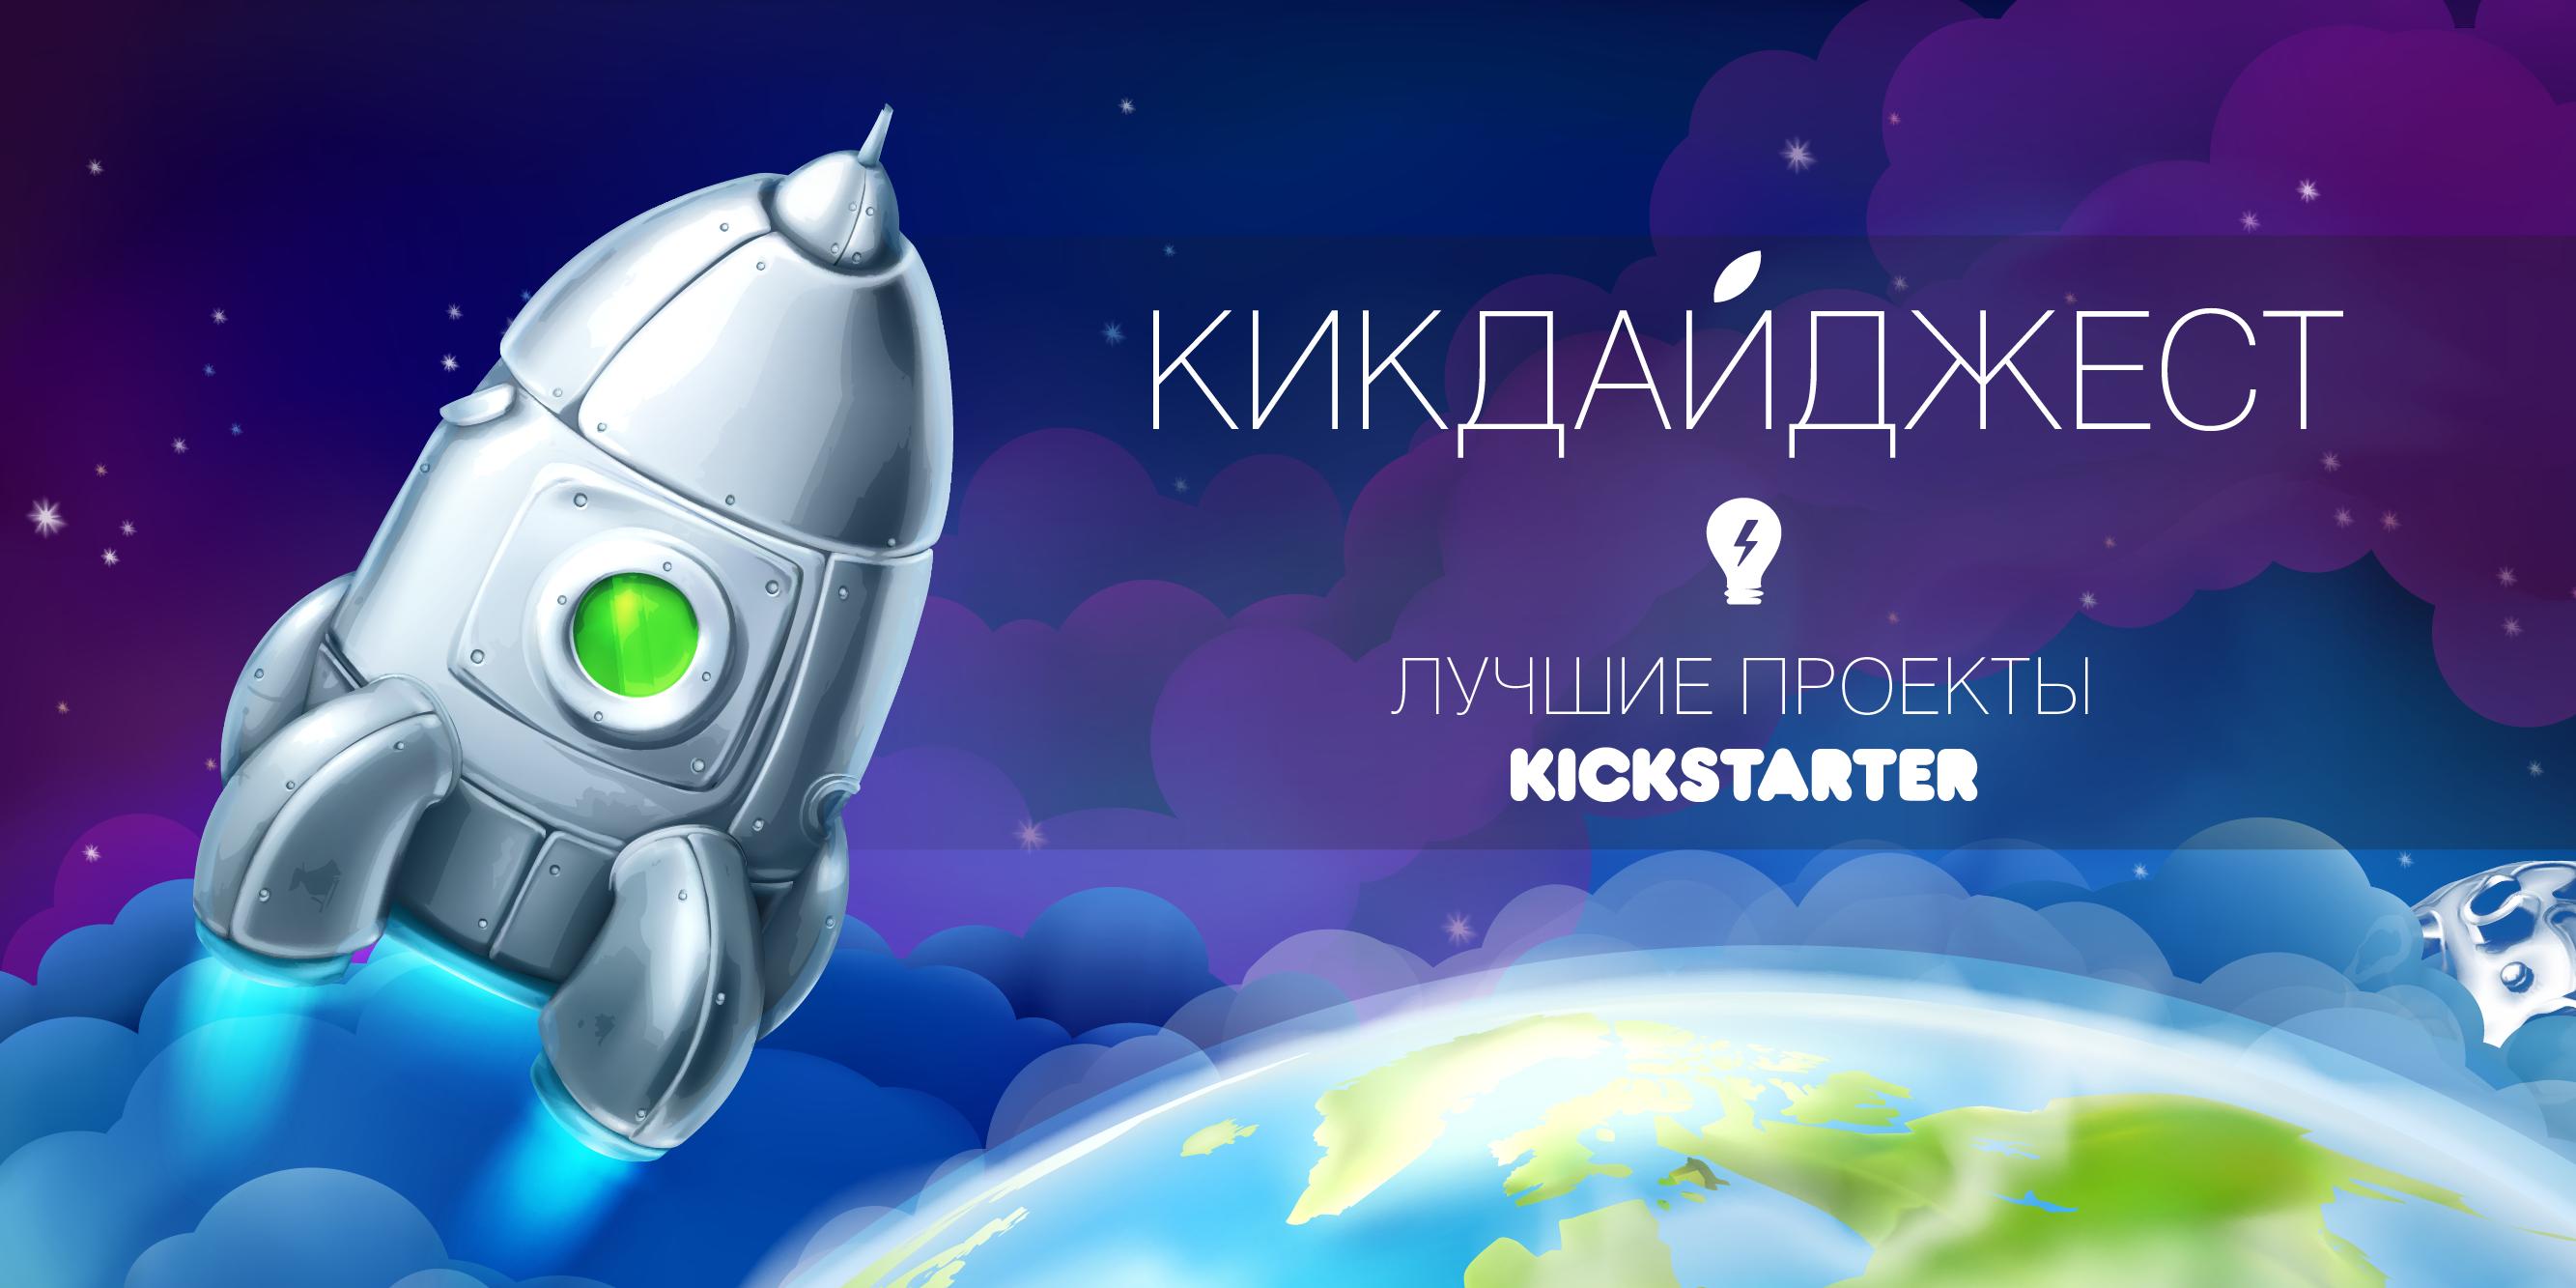 Кикдайджест: Лучшие проекты Kickstarter и других краудфандинговых платформ этой недели